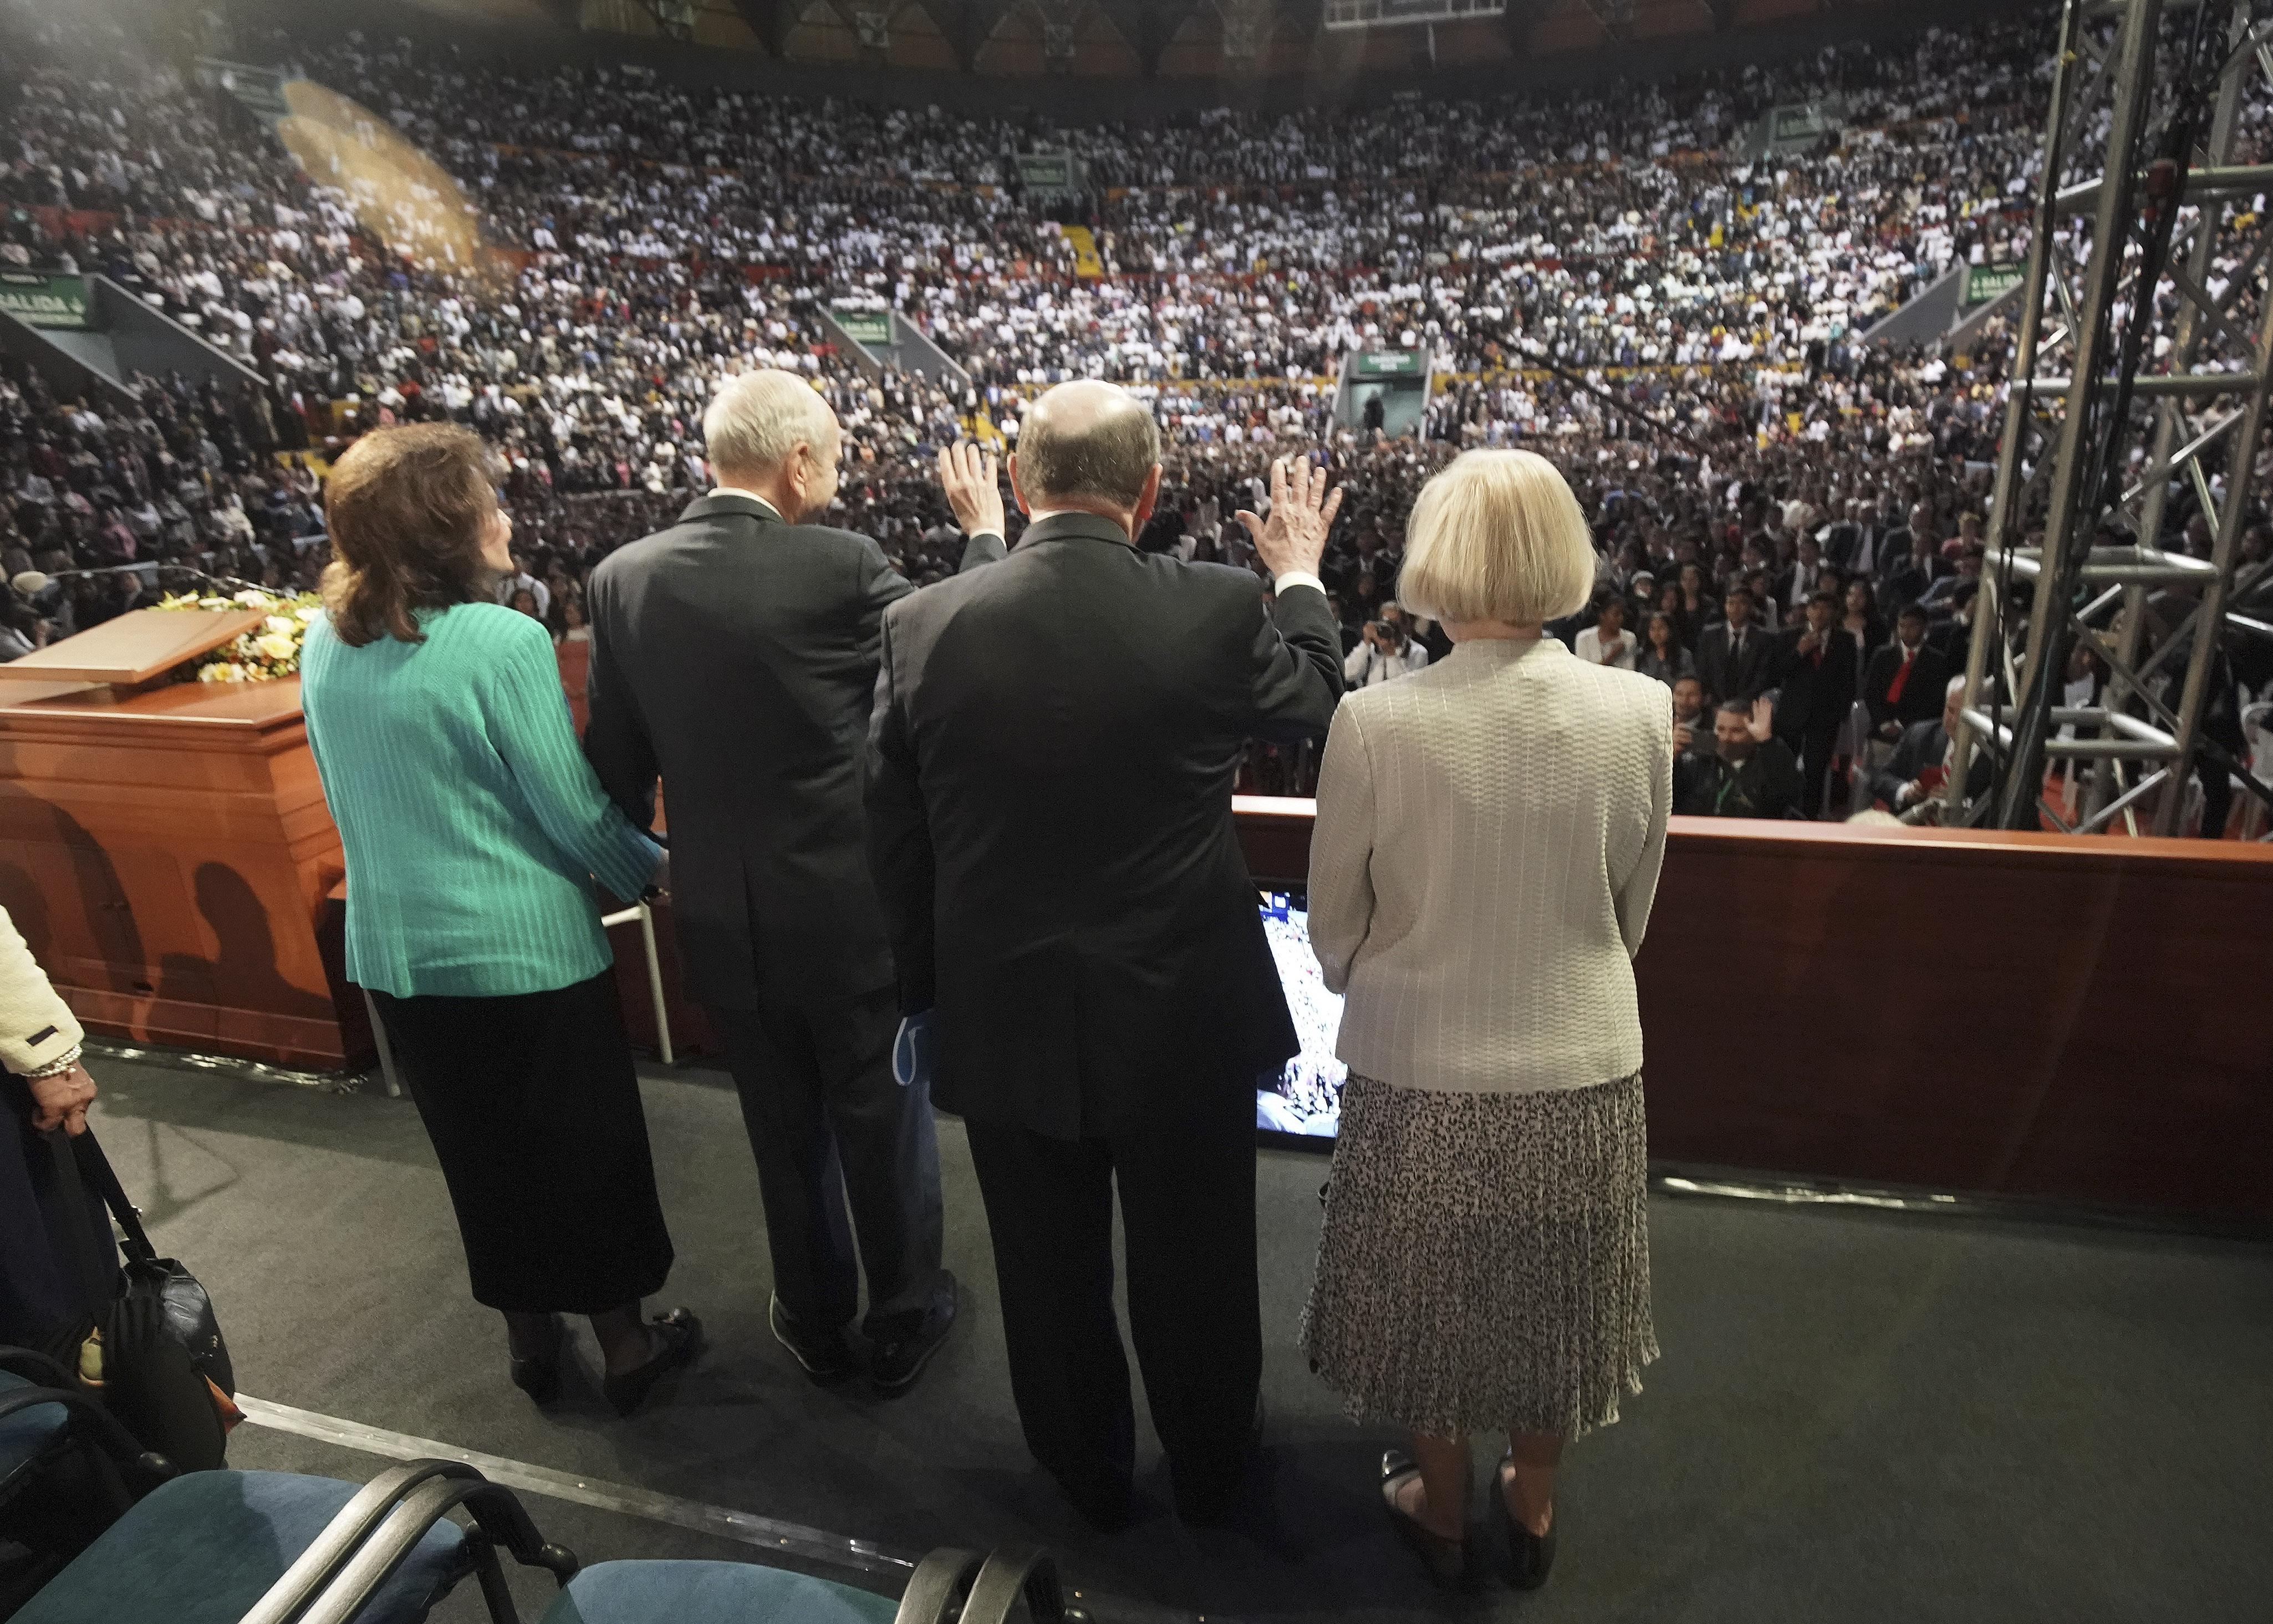 El presidente Russell M. Nelson de La Iglesia de Jesucristo de los Santos de los Últimos Días y su esposa, la hermana Wendy Nelson, y el élder Quentin L. Cook, del Quórum de los Doce Apóstoles, y su esposa, la hermana Mary Cook, saludan a los asistentes después de un devocional en Quito, Ecuador, el lunes 26 de agosto de 2019.